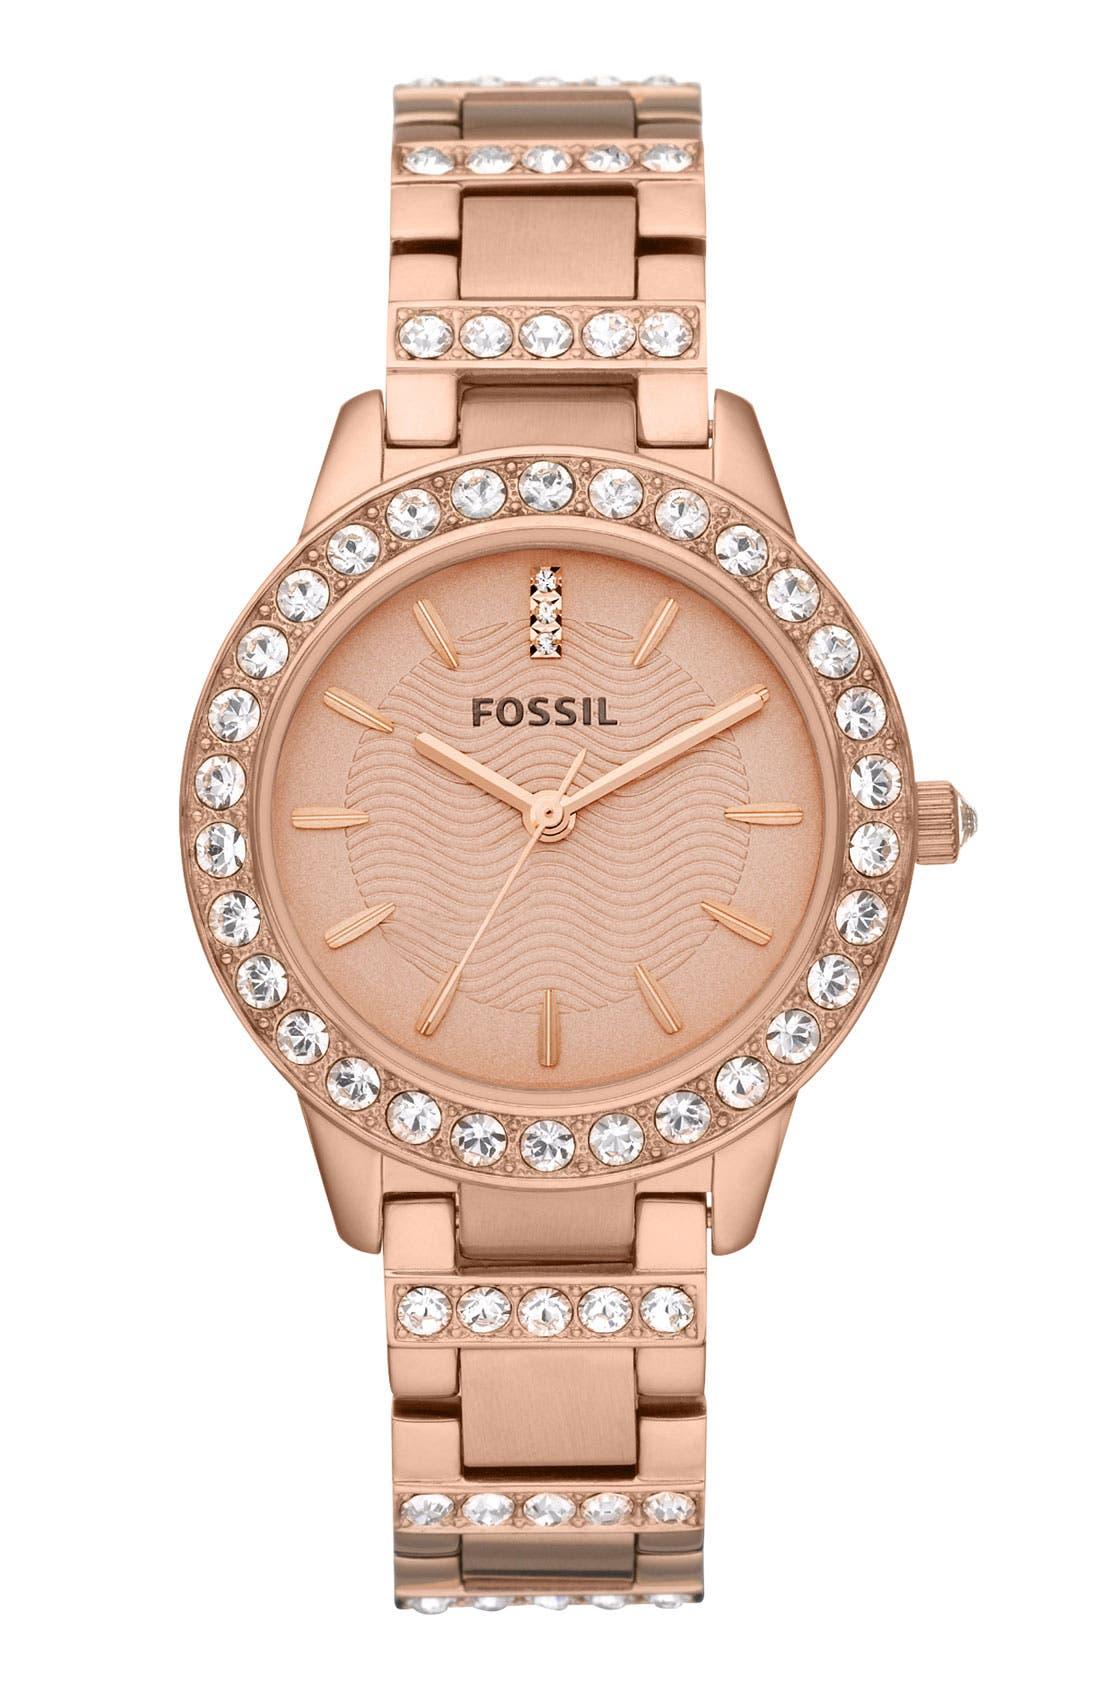 Main Image - Fossil 'Jesse' Crystal Embellished Bracelet Watch, 34mm